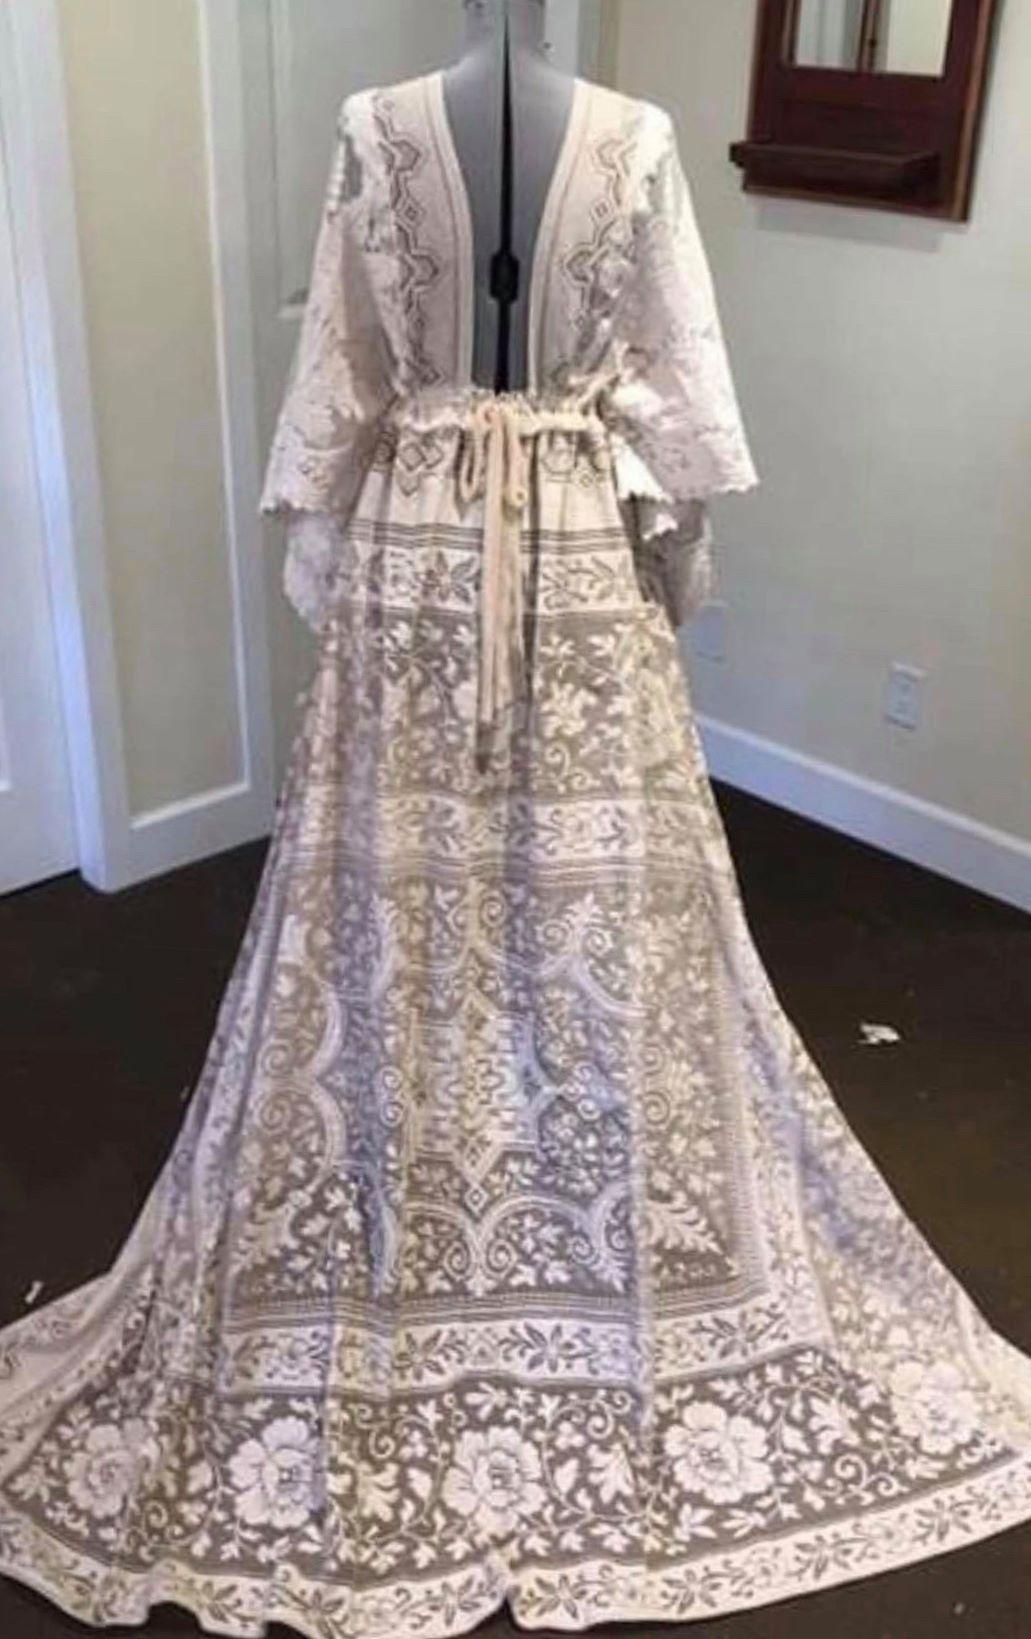 Reclamation Dress Rental Bohemian Maternity Dress Lace Maternity Dress Boho Maternity Dress